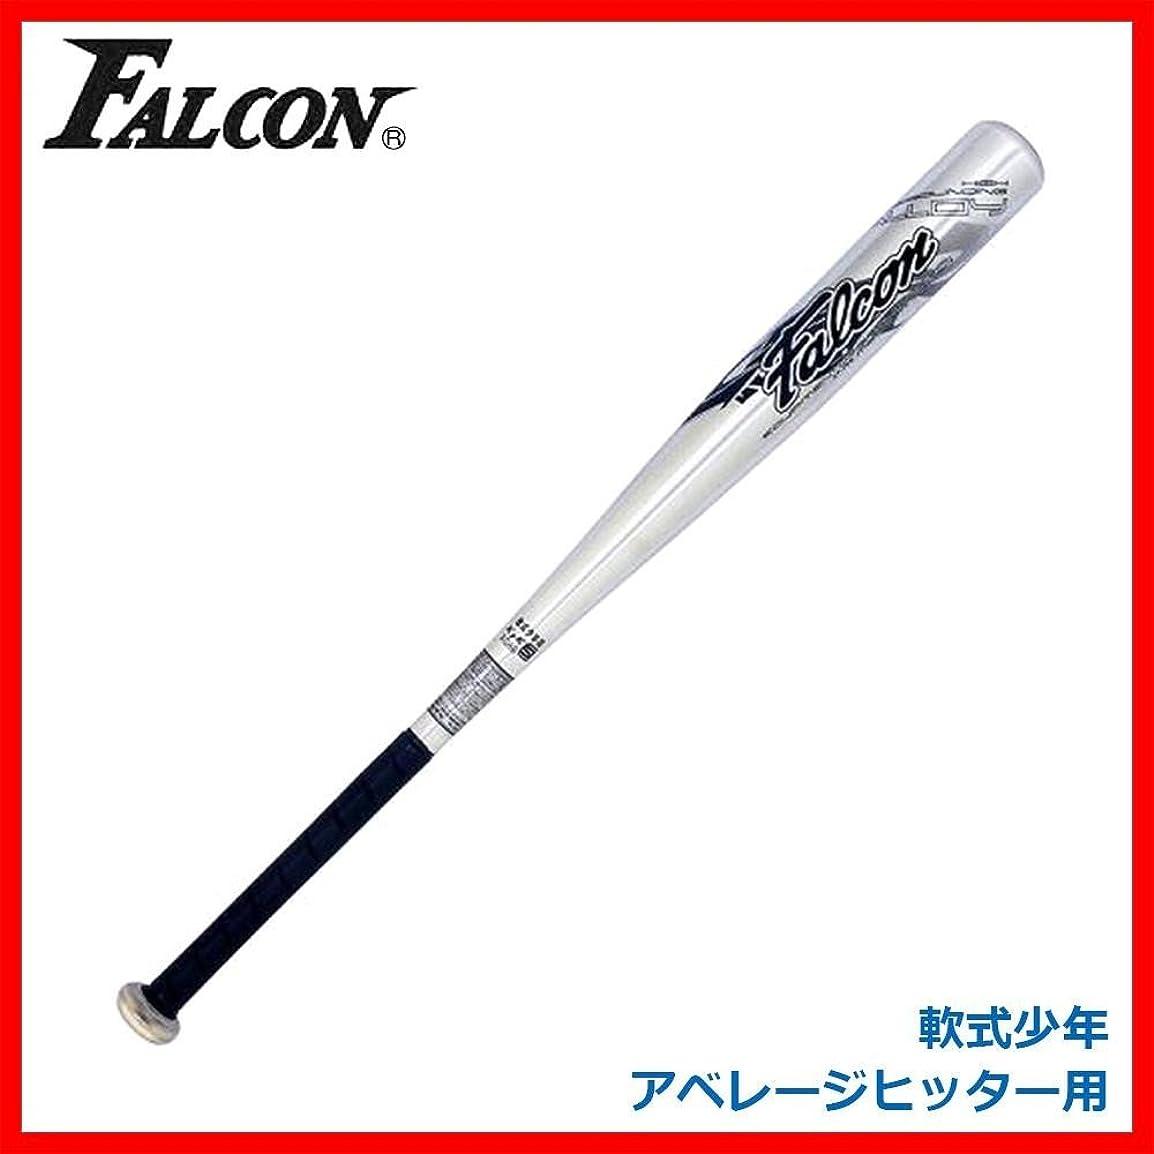 正当な確立不適FALCON ファルコン 金属製バット 軟式少年 アベレージヒッター用 シルバー AT-70S